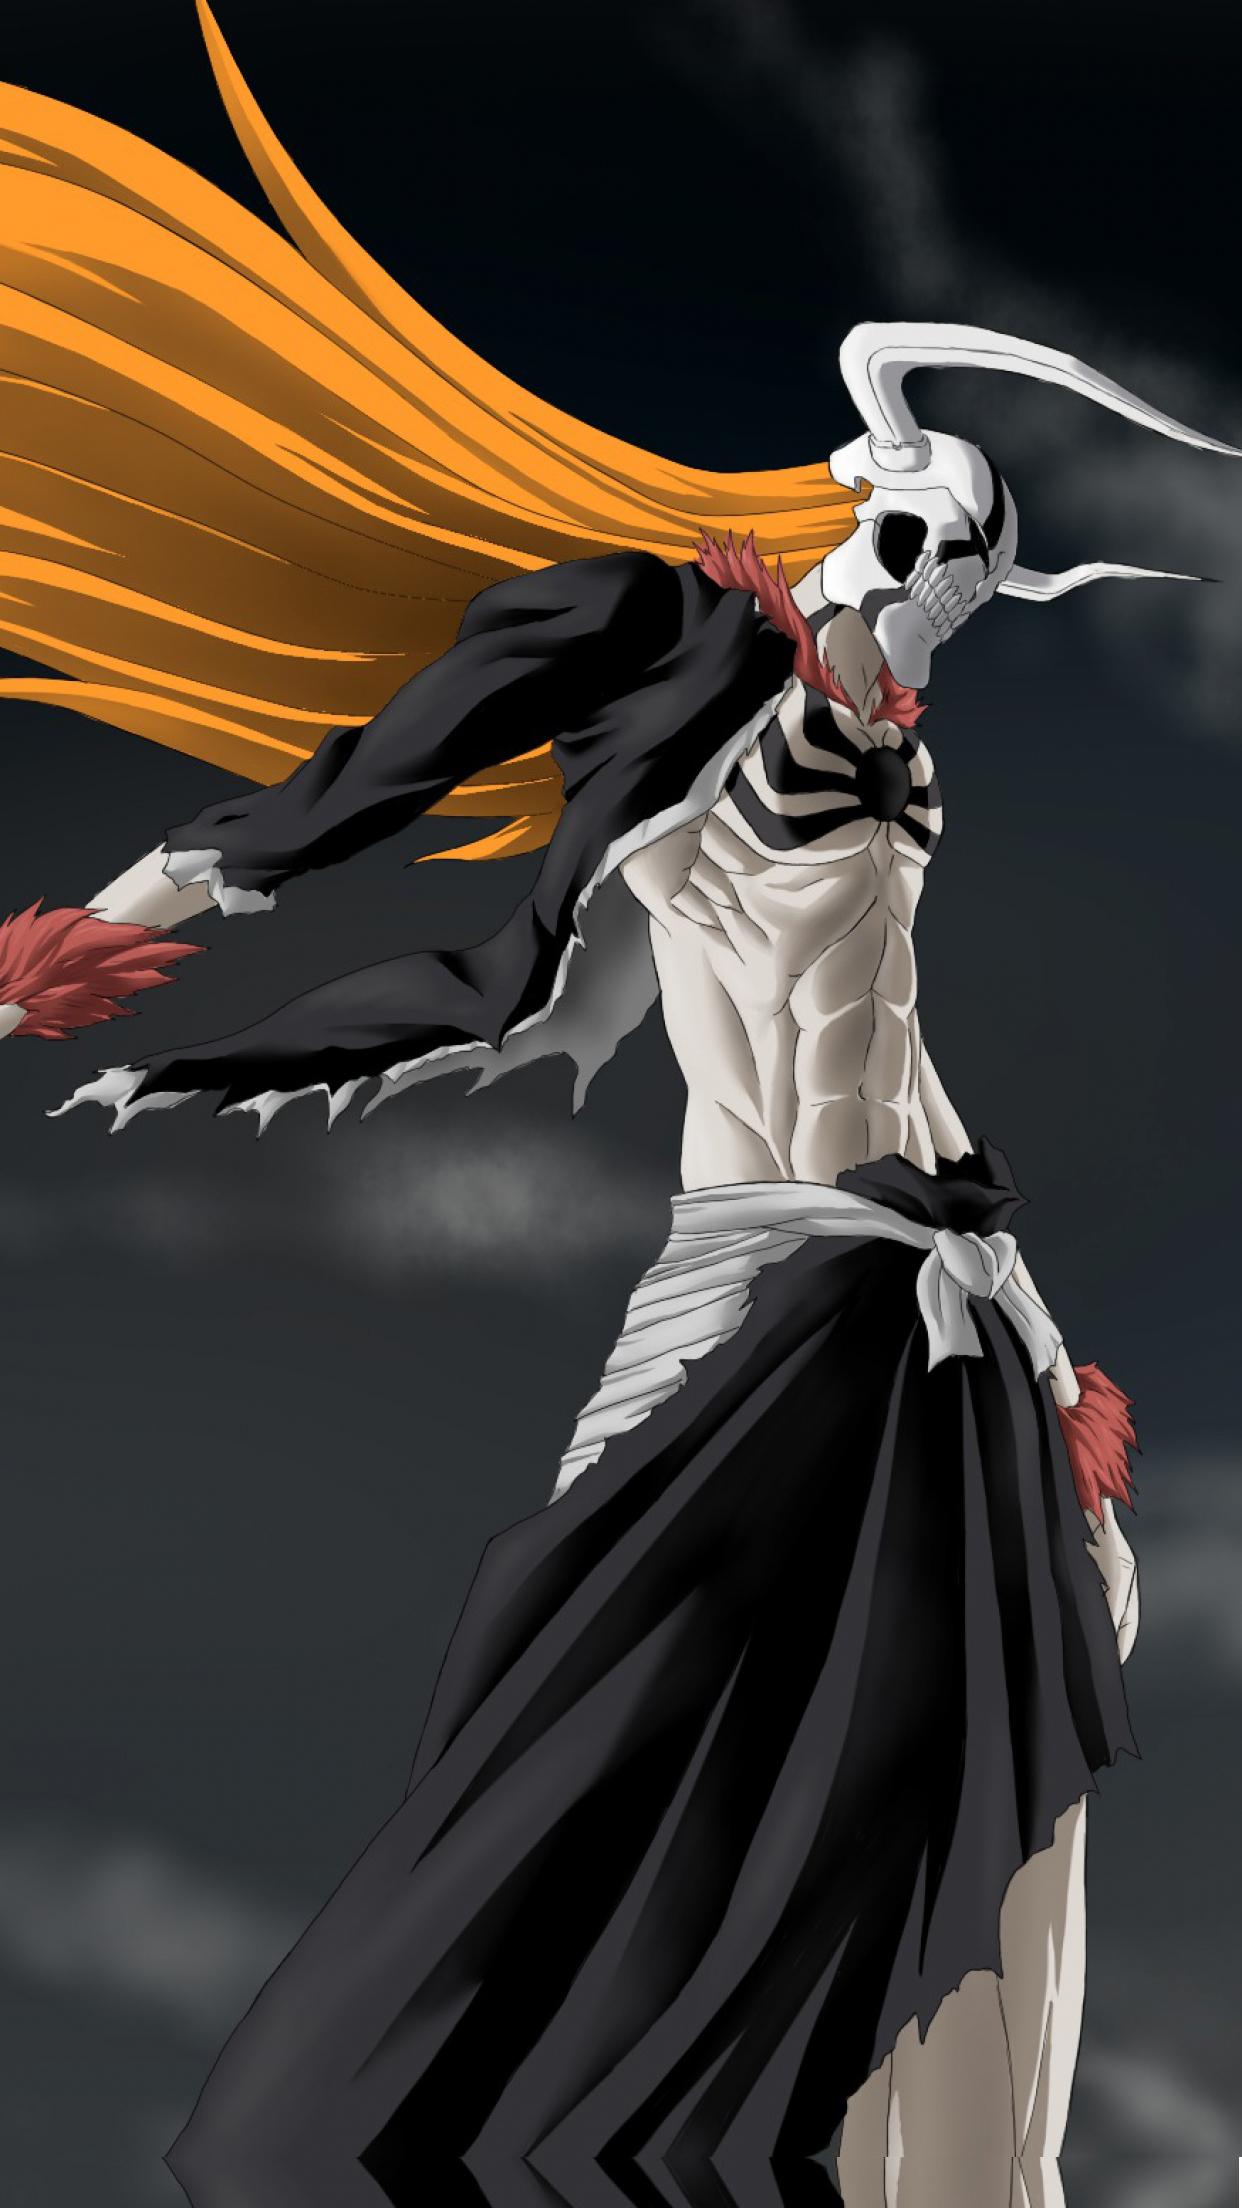 Bleach Ichigo Wallpaper for iPhone X, 8, 7, 6 - Free ...